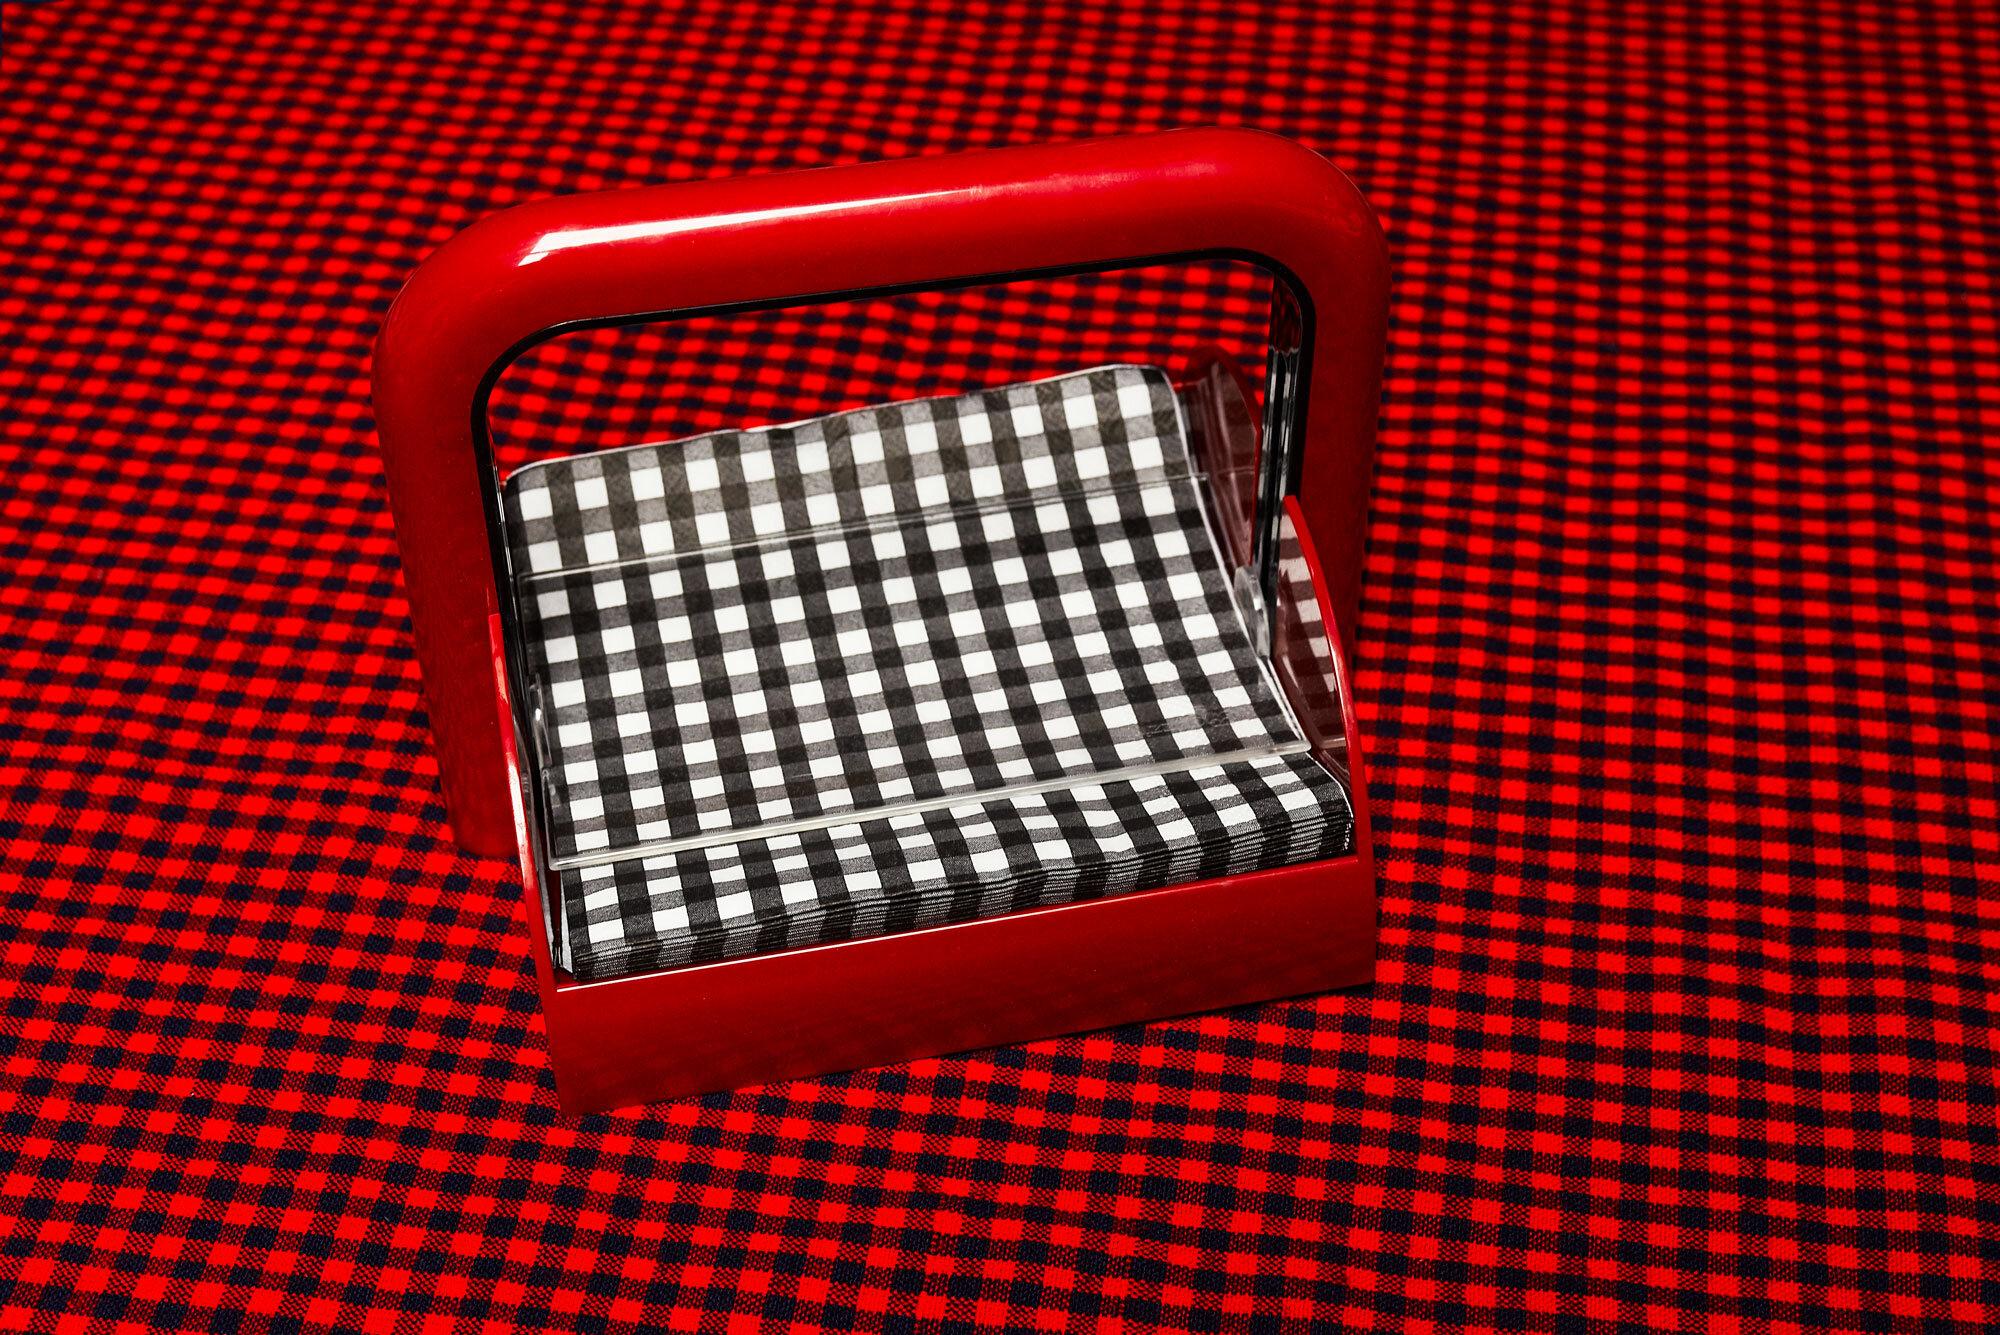 guzinni-napkin-holder.jpg